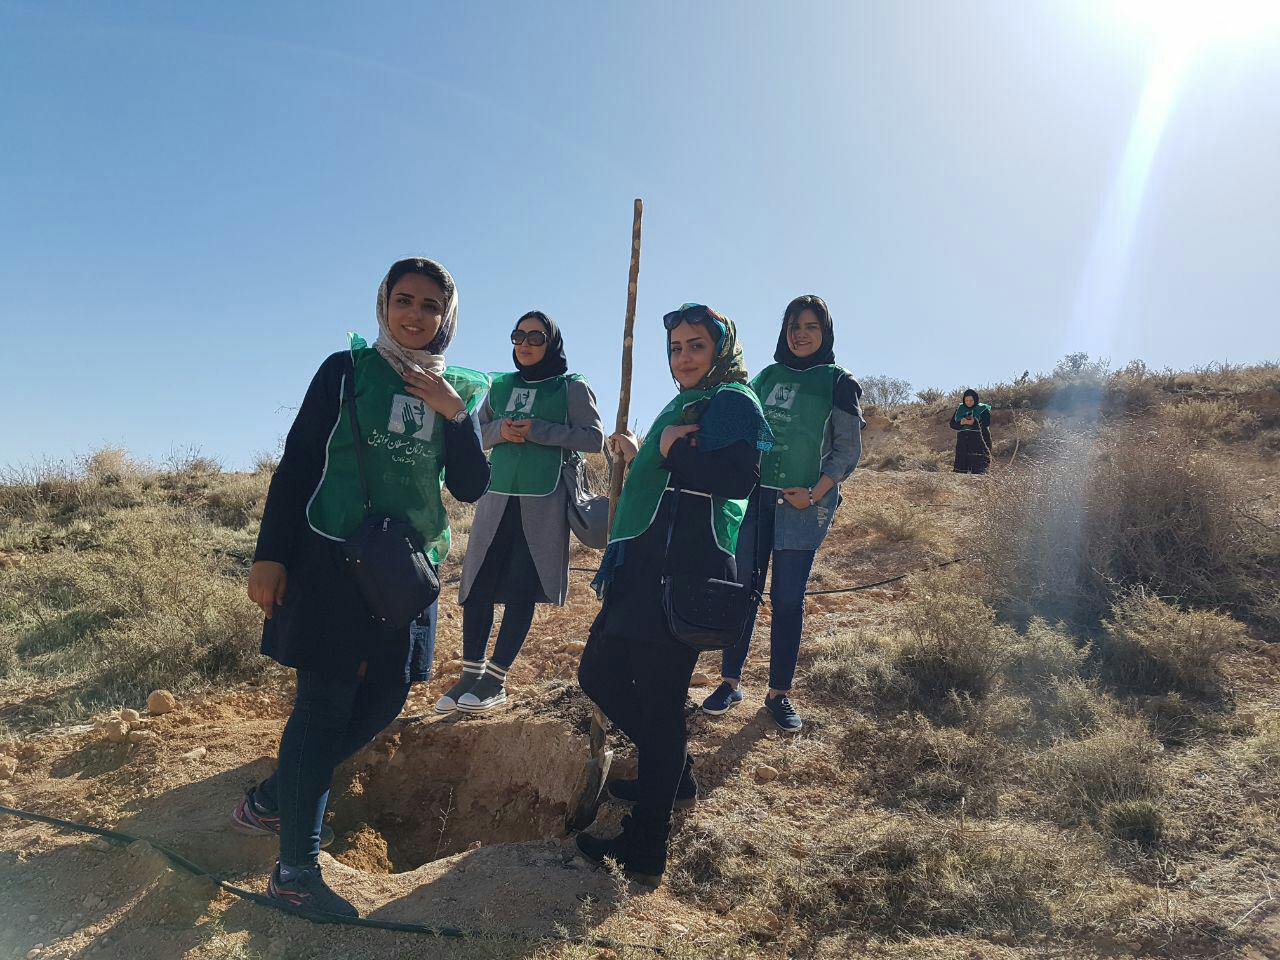 کاشت درخت توسط اعضای جمعیت زنان مسلمان نواندیش منطقه فارس